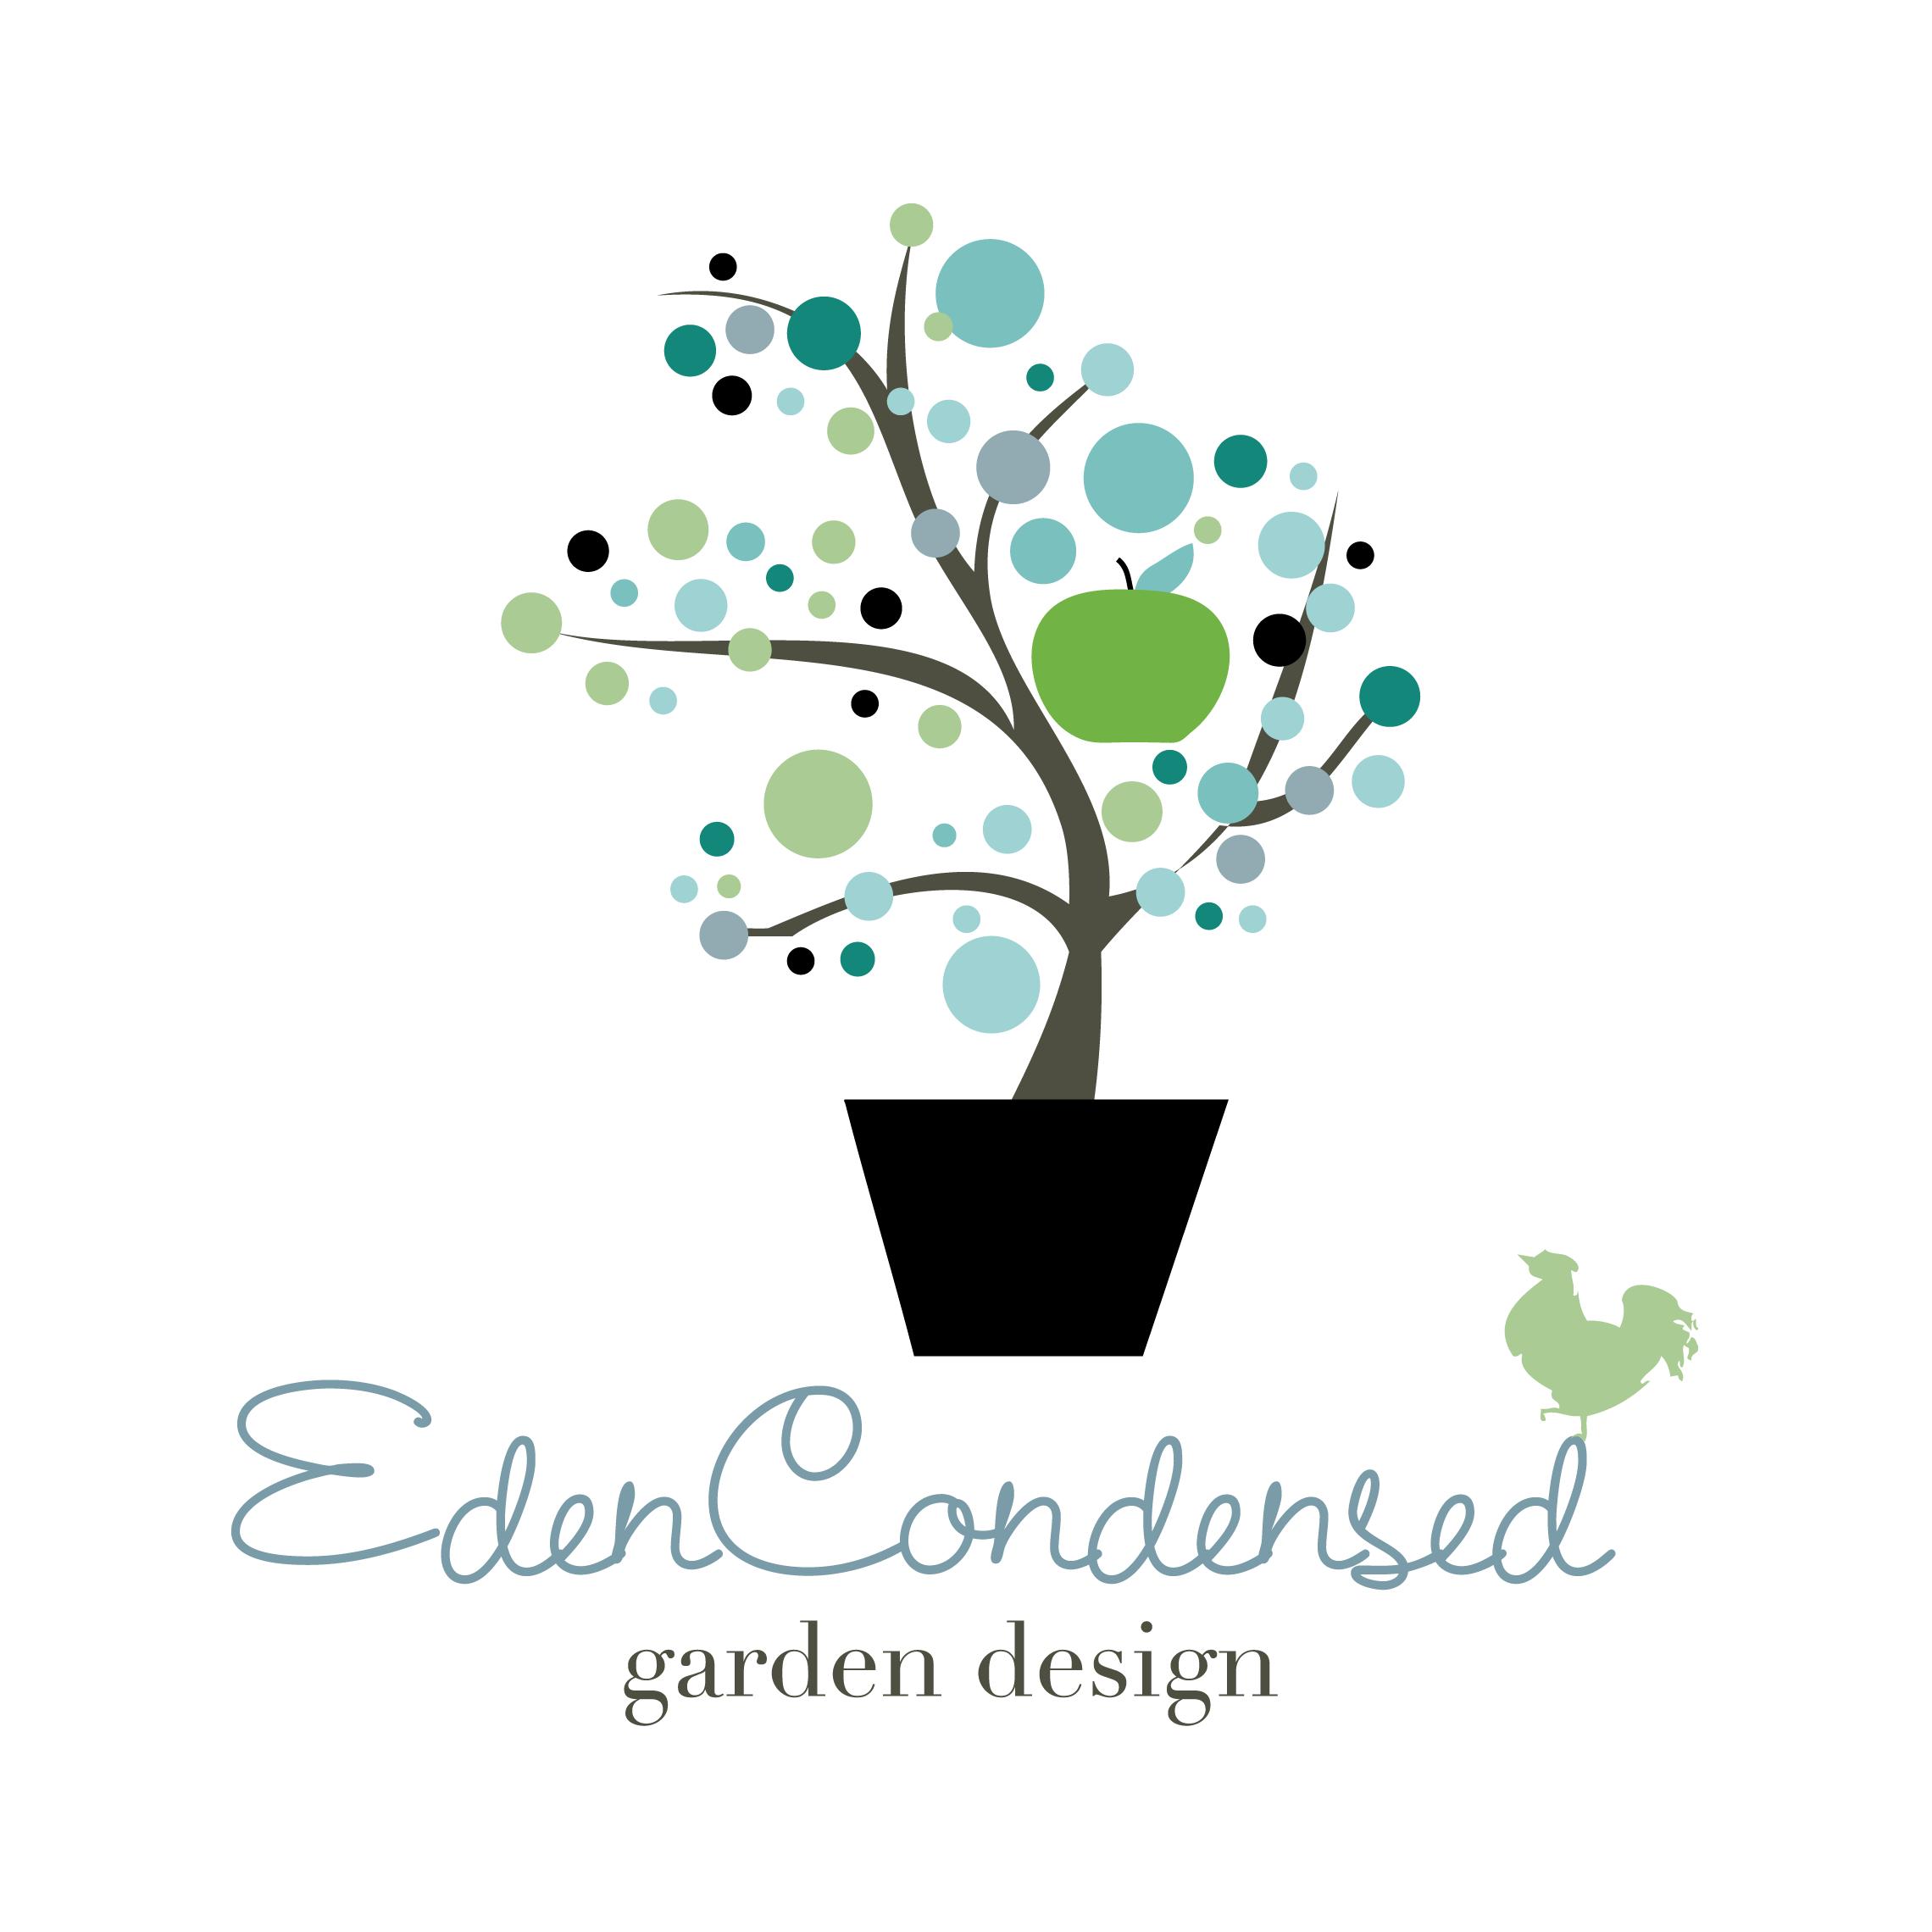 Garden clipart front yard. Welcome eden condensed